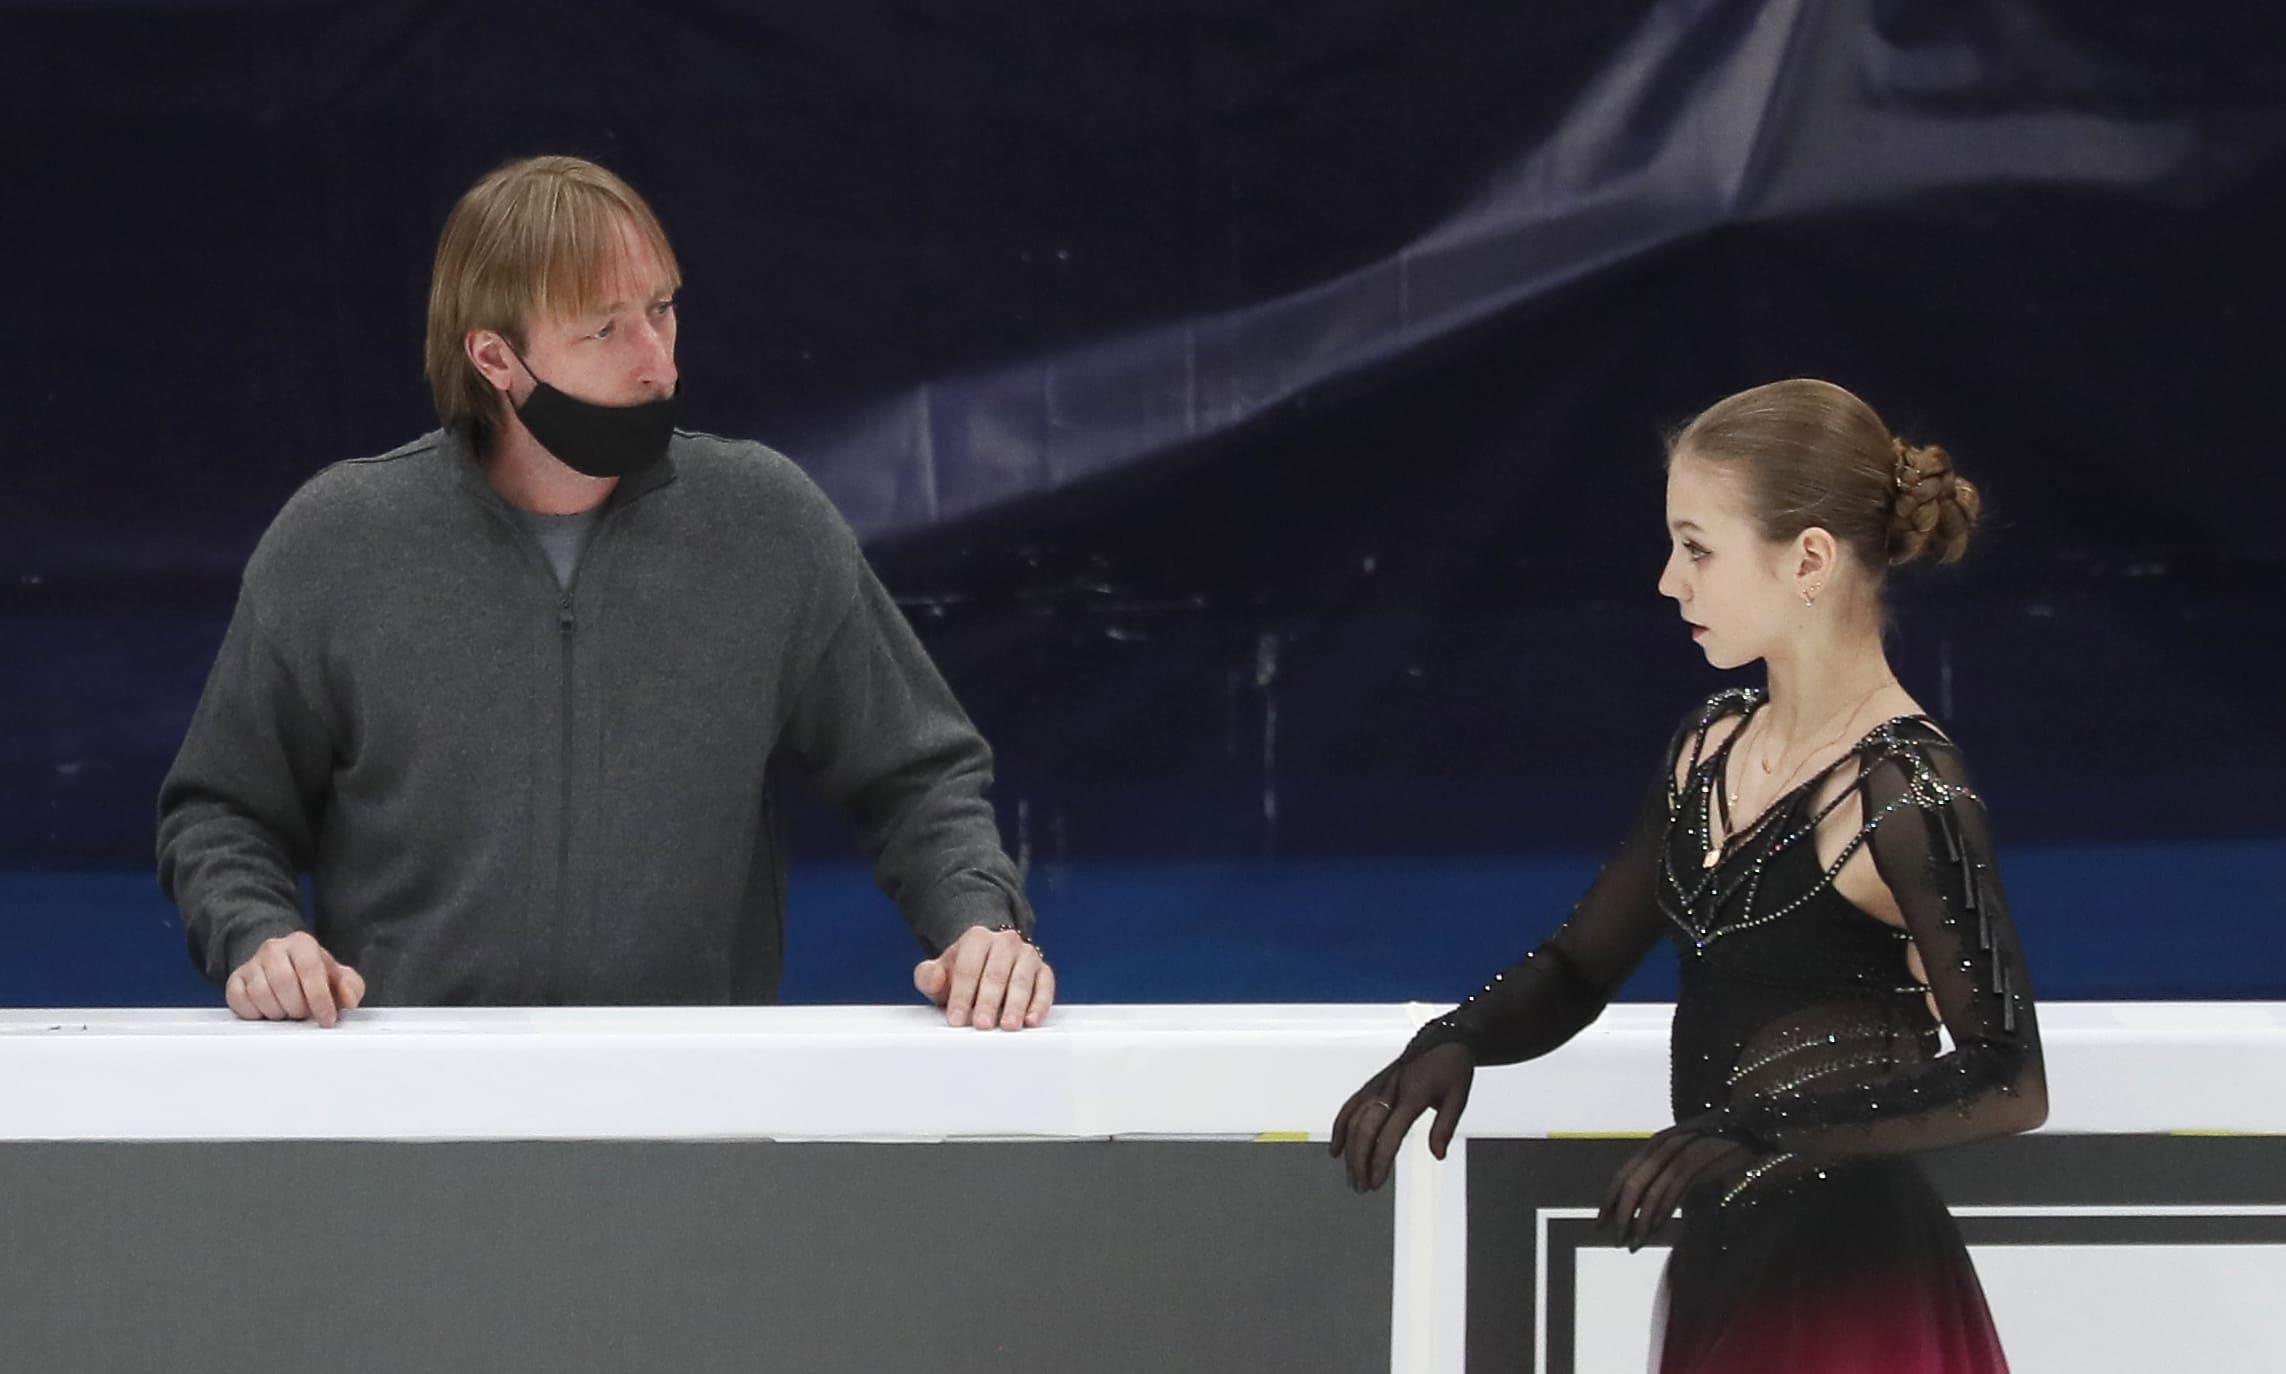 Авербух высказался о выступлении Трусовой на чемпионате мира в Стокгольме - фото